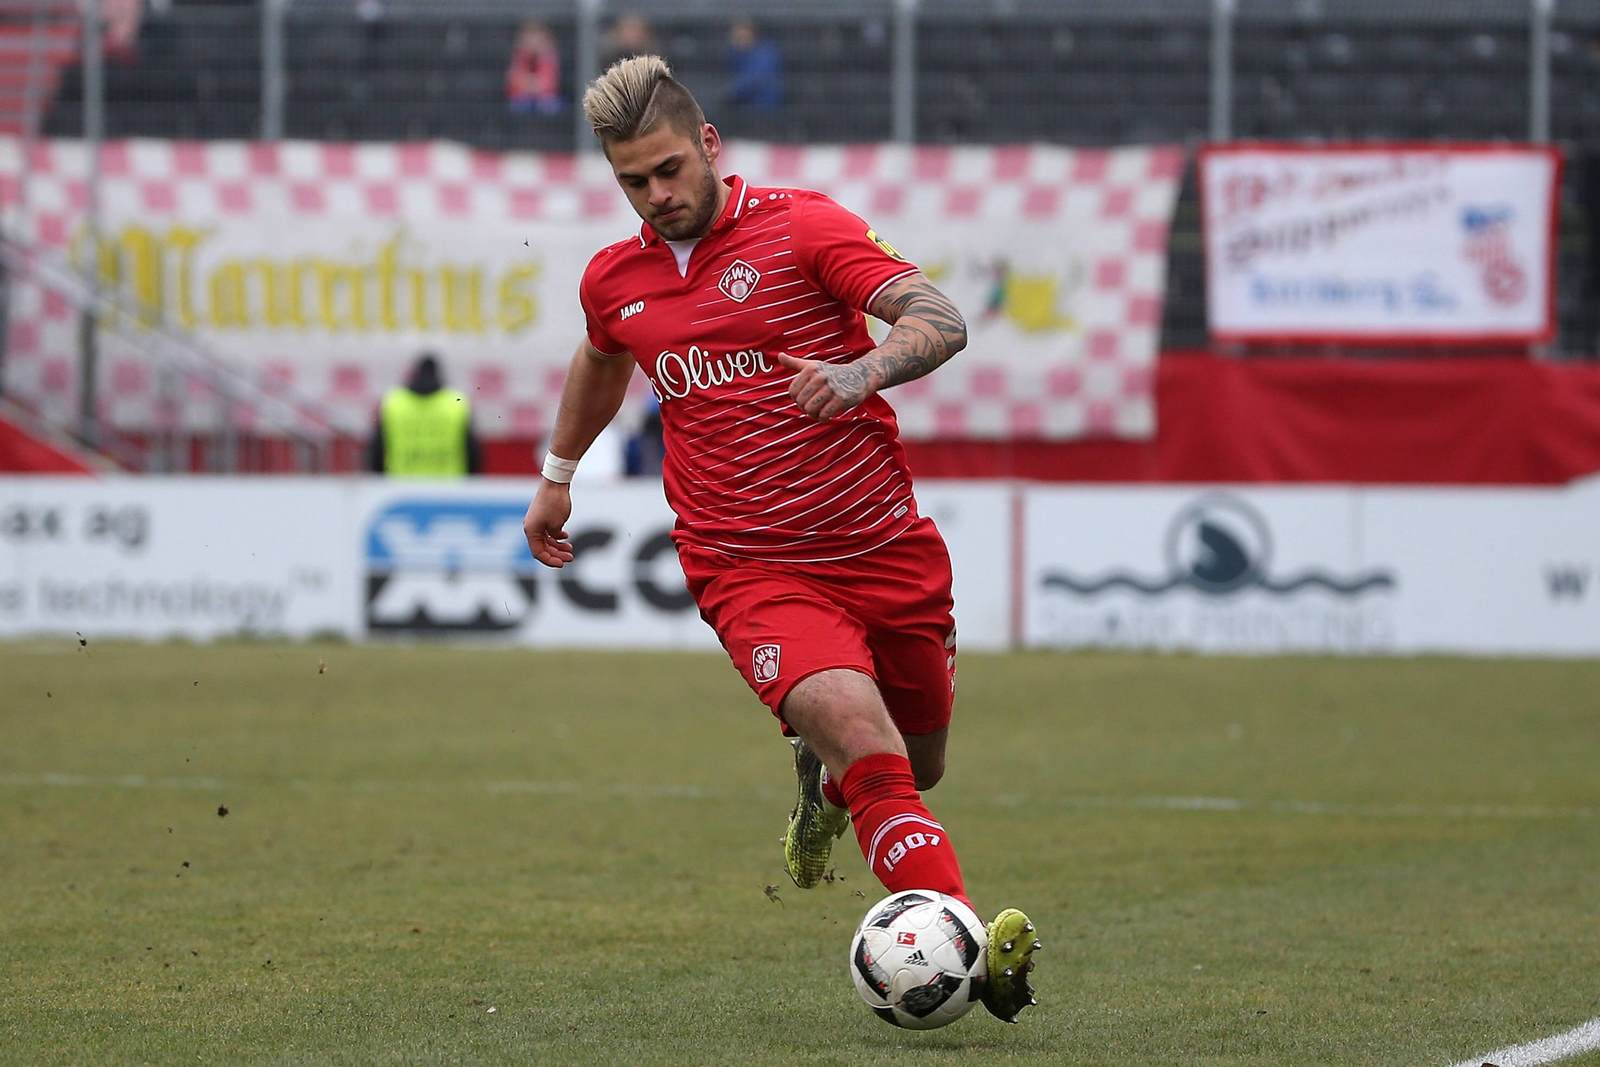 Dominic Baumann am Ball für die Würzburger Kickers.